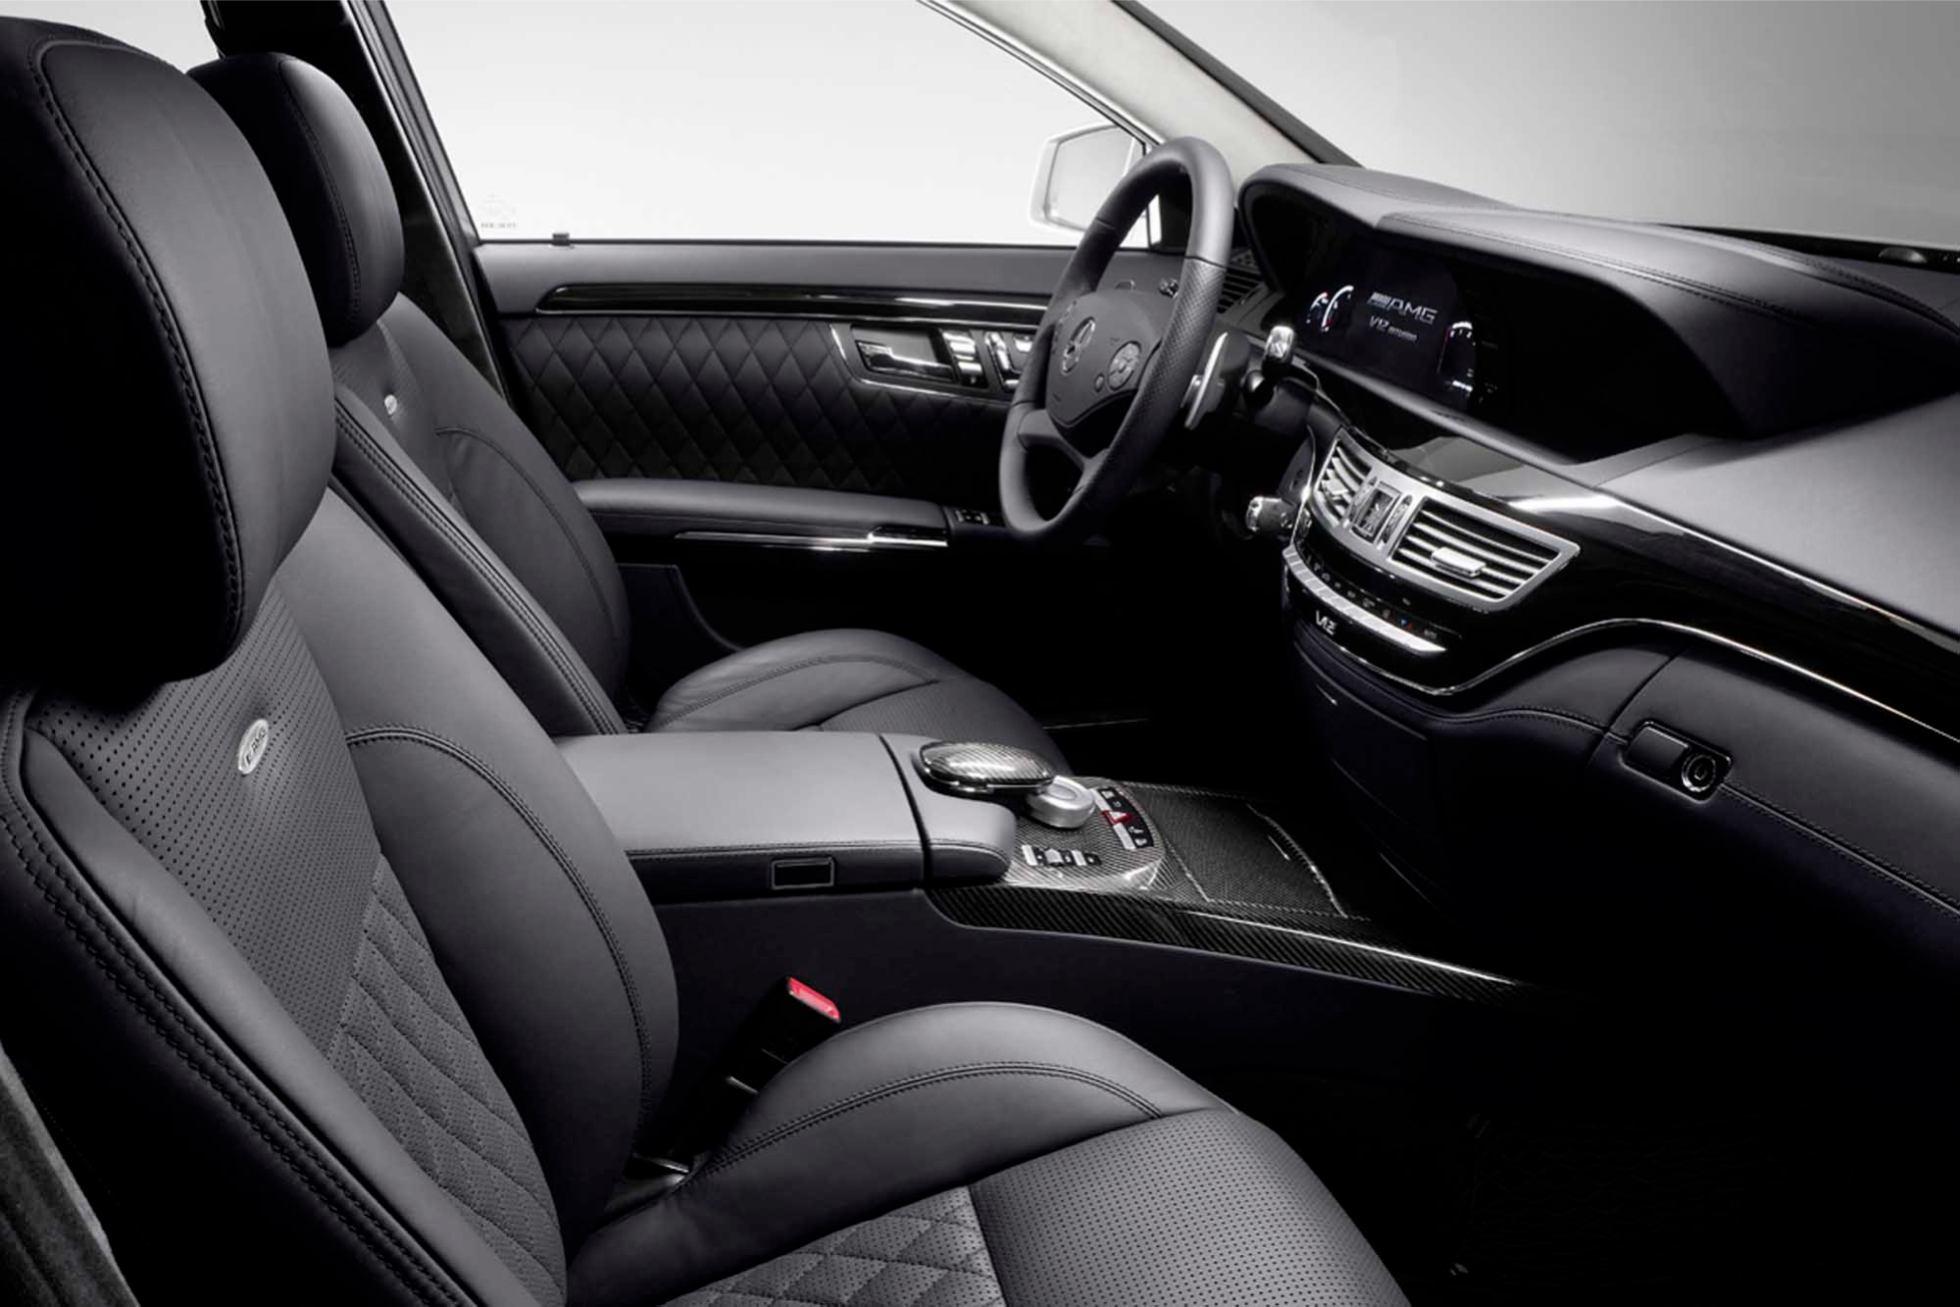 http://www.voiturepourlui.com/images/Mercedes/Classe-S65-AMG/Interieur/Mercedes_Classe_S65_AMG_501.jpg